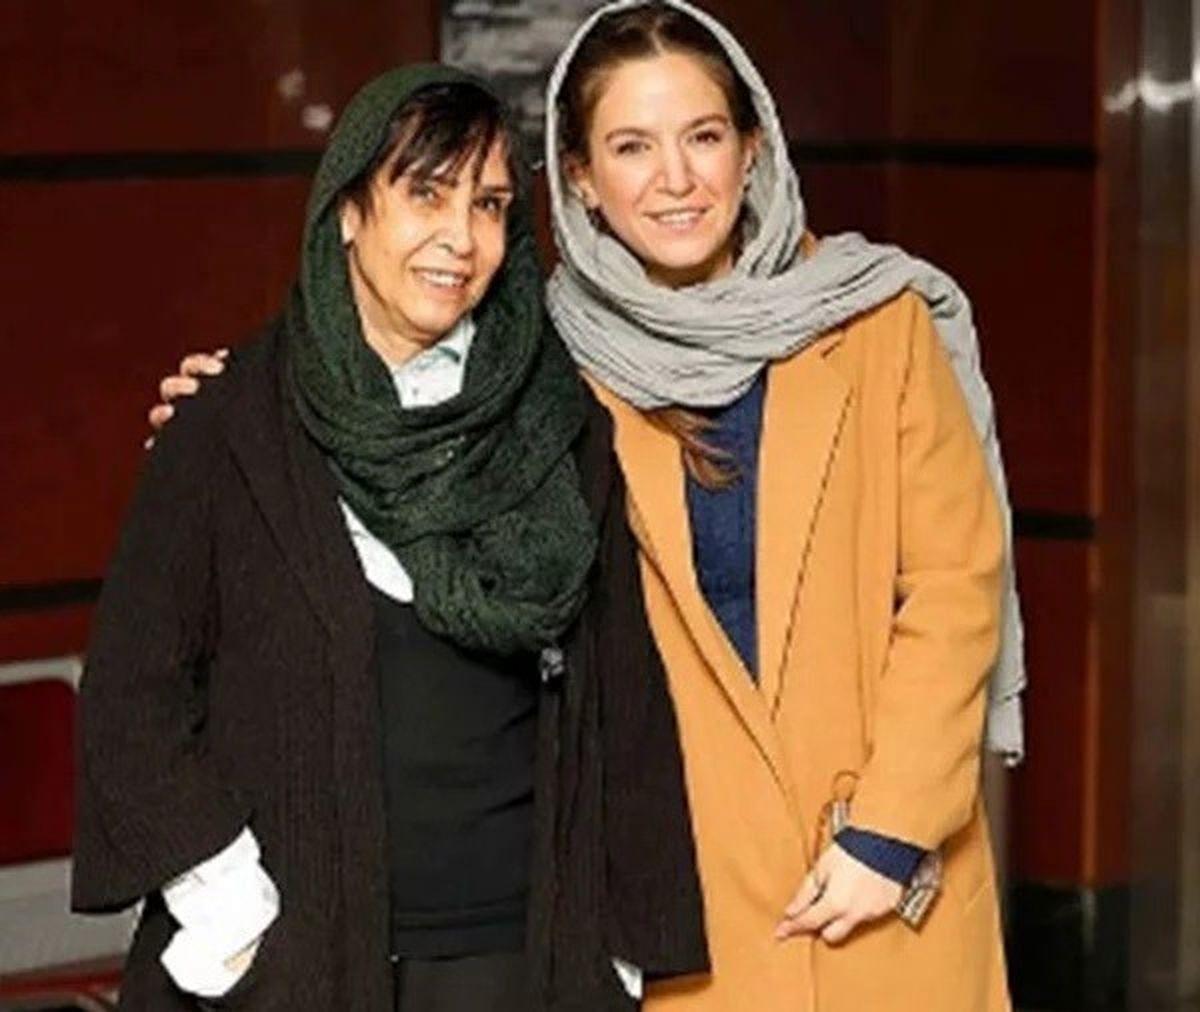 ستاره پسیانی در فیلم فجر از مادرش رونمایی کرد+عکس